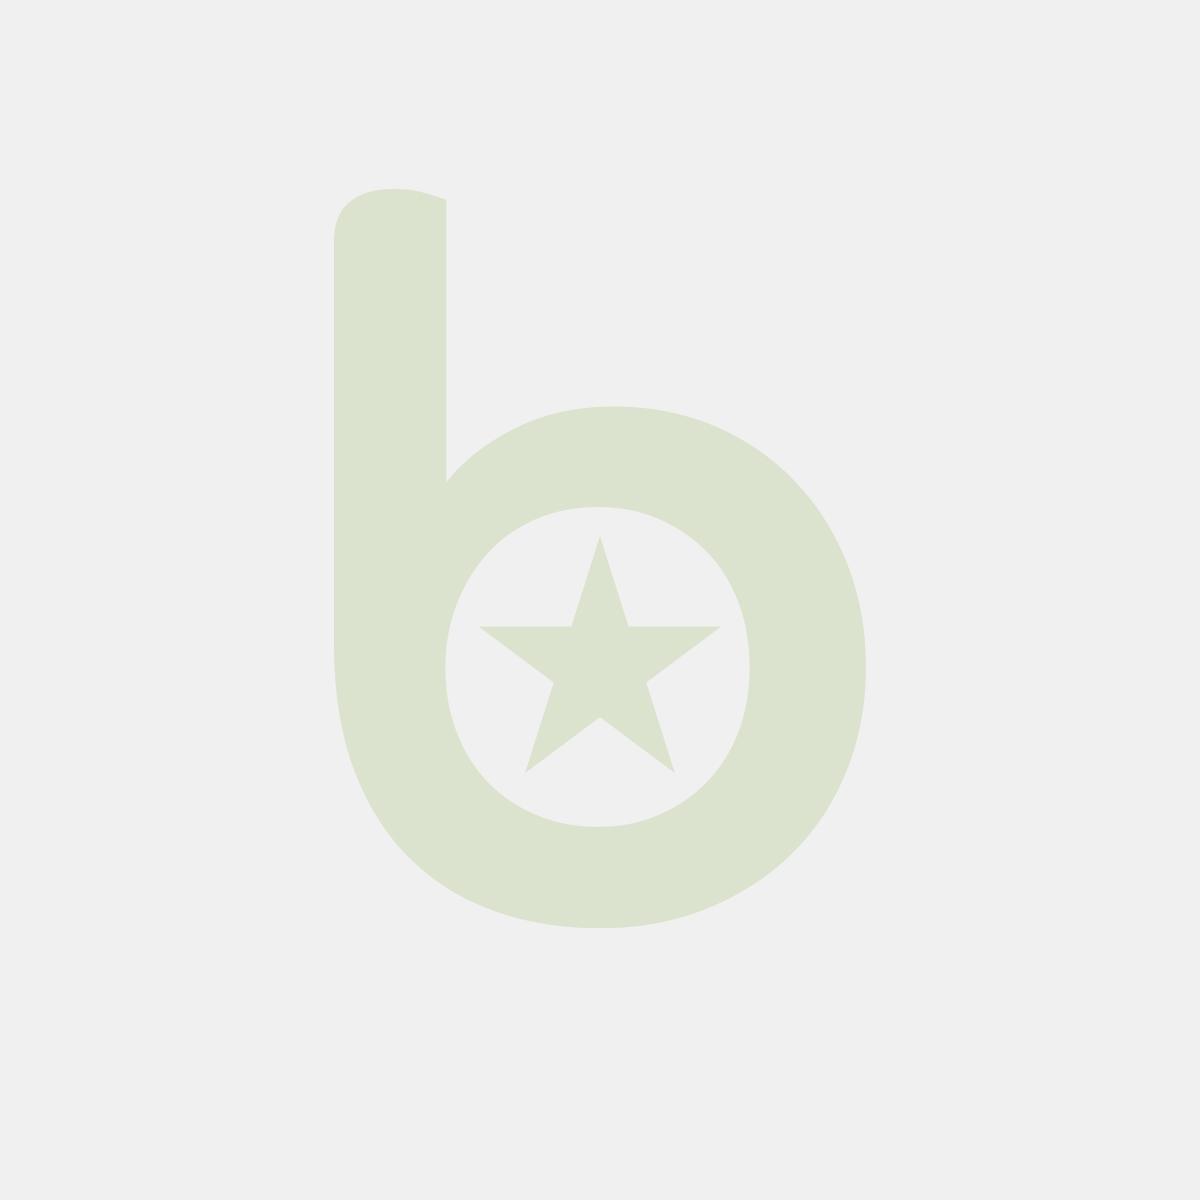 Taśma pakowa DONAU Hot-Melt , 48mm, 66m, 50mikr., brązowa